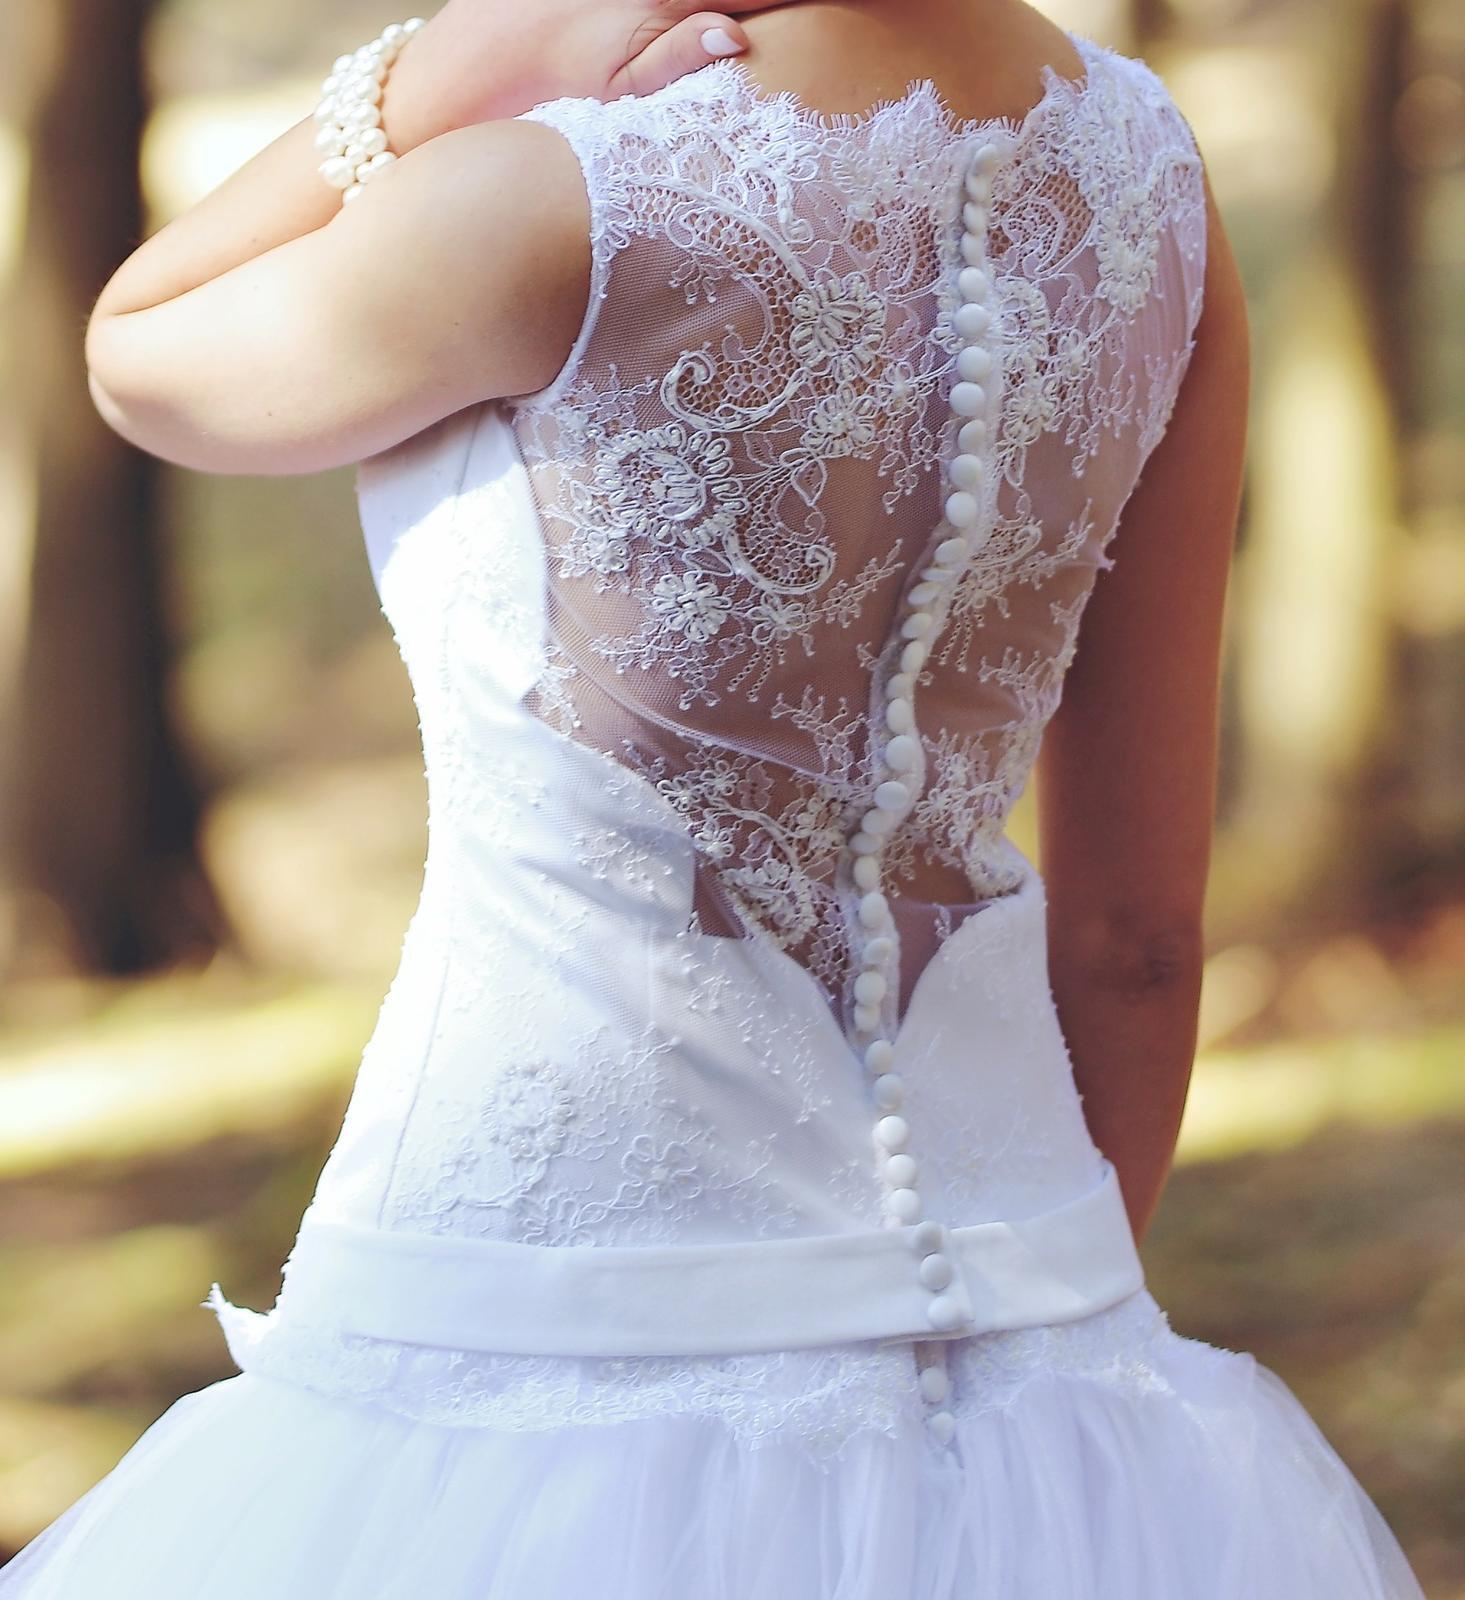 Svadobné šaty čipka a tyl (34-36) - Obrázok č. 1